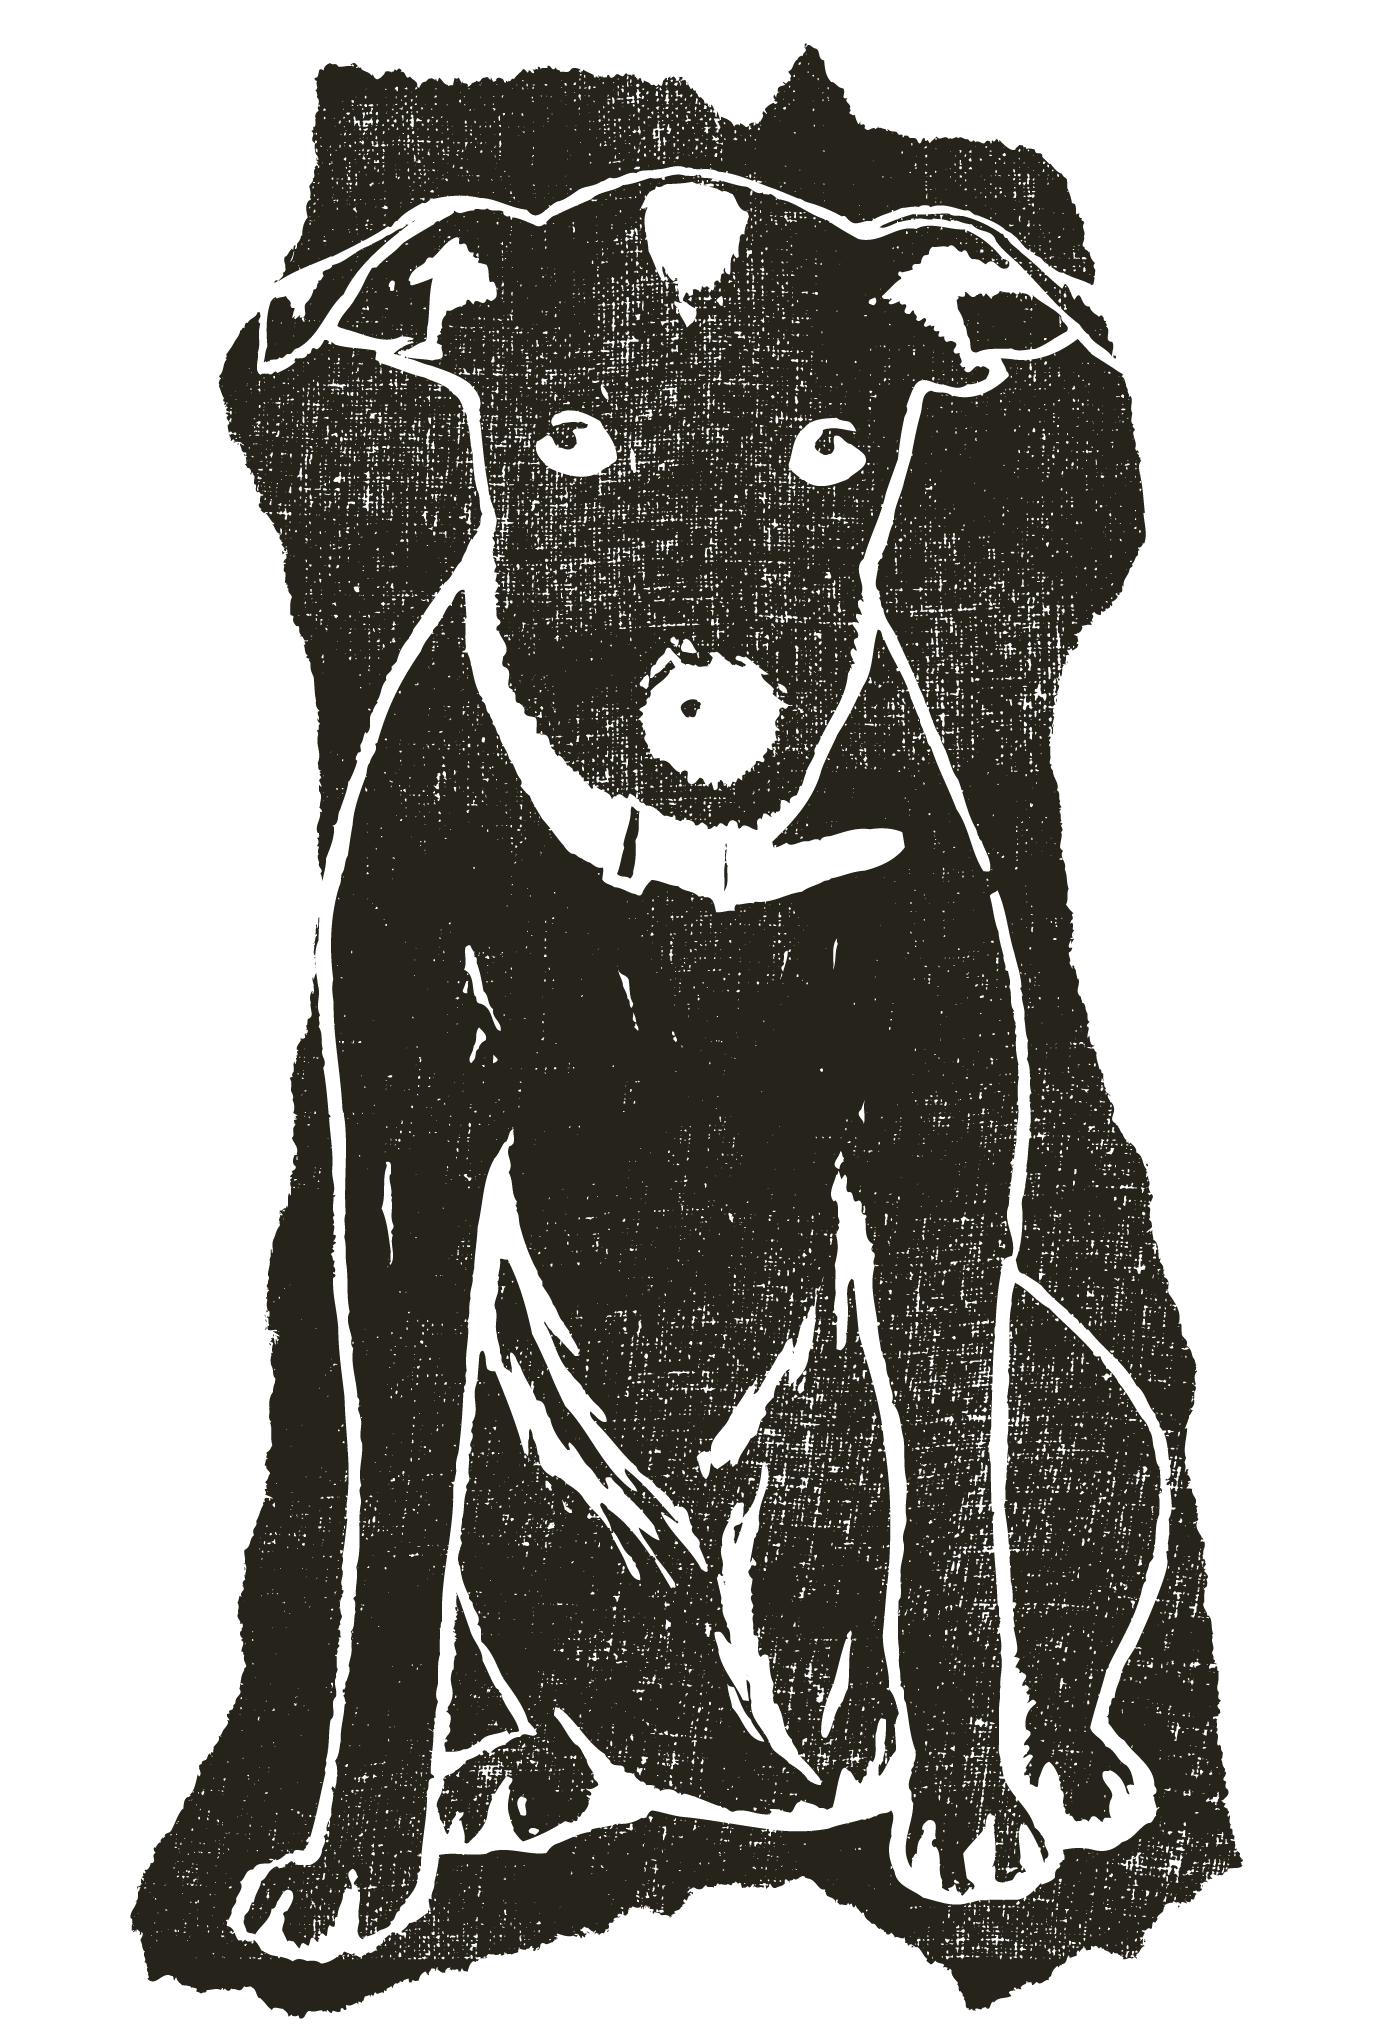 2018年賀状14-2:Dog woodblock print / 2のダウンロード画像